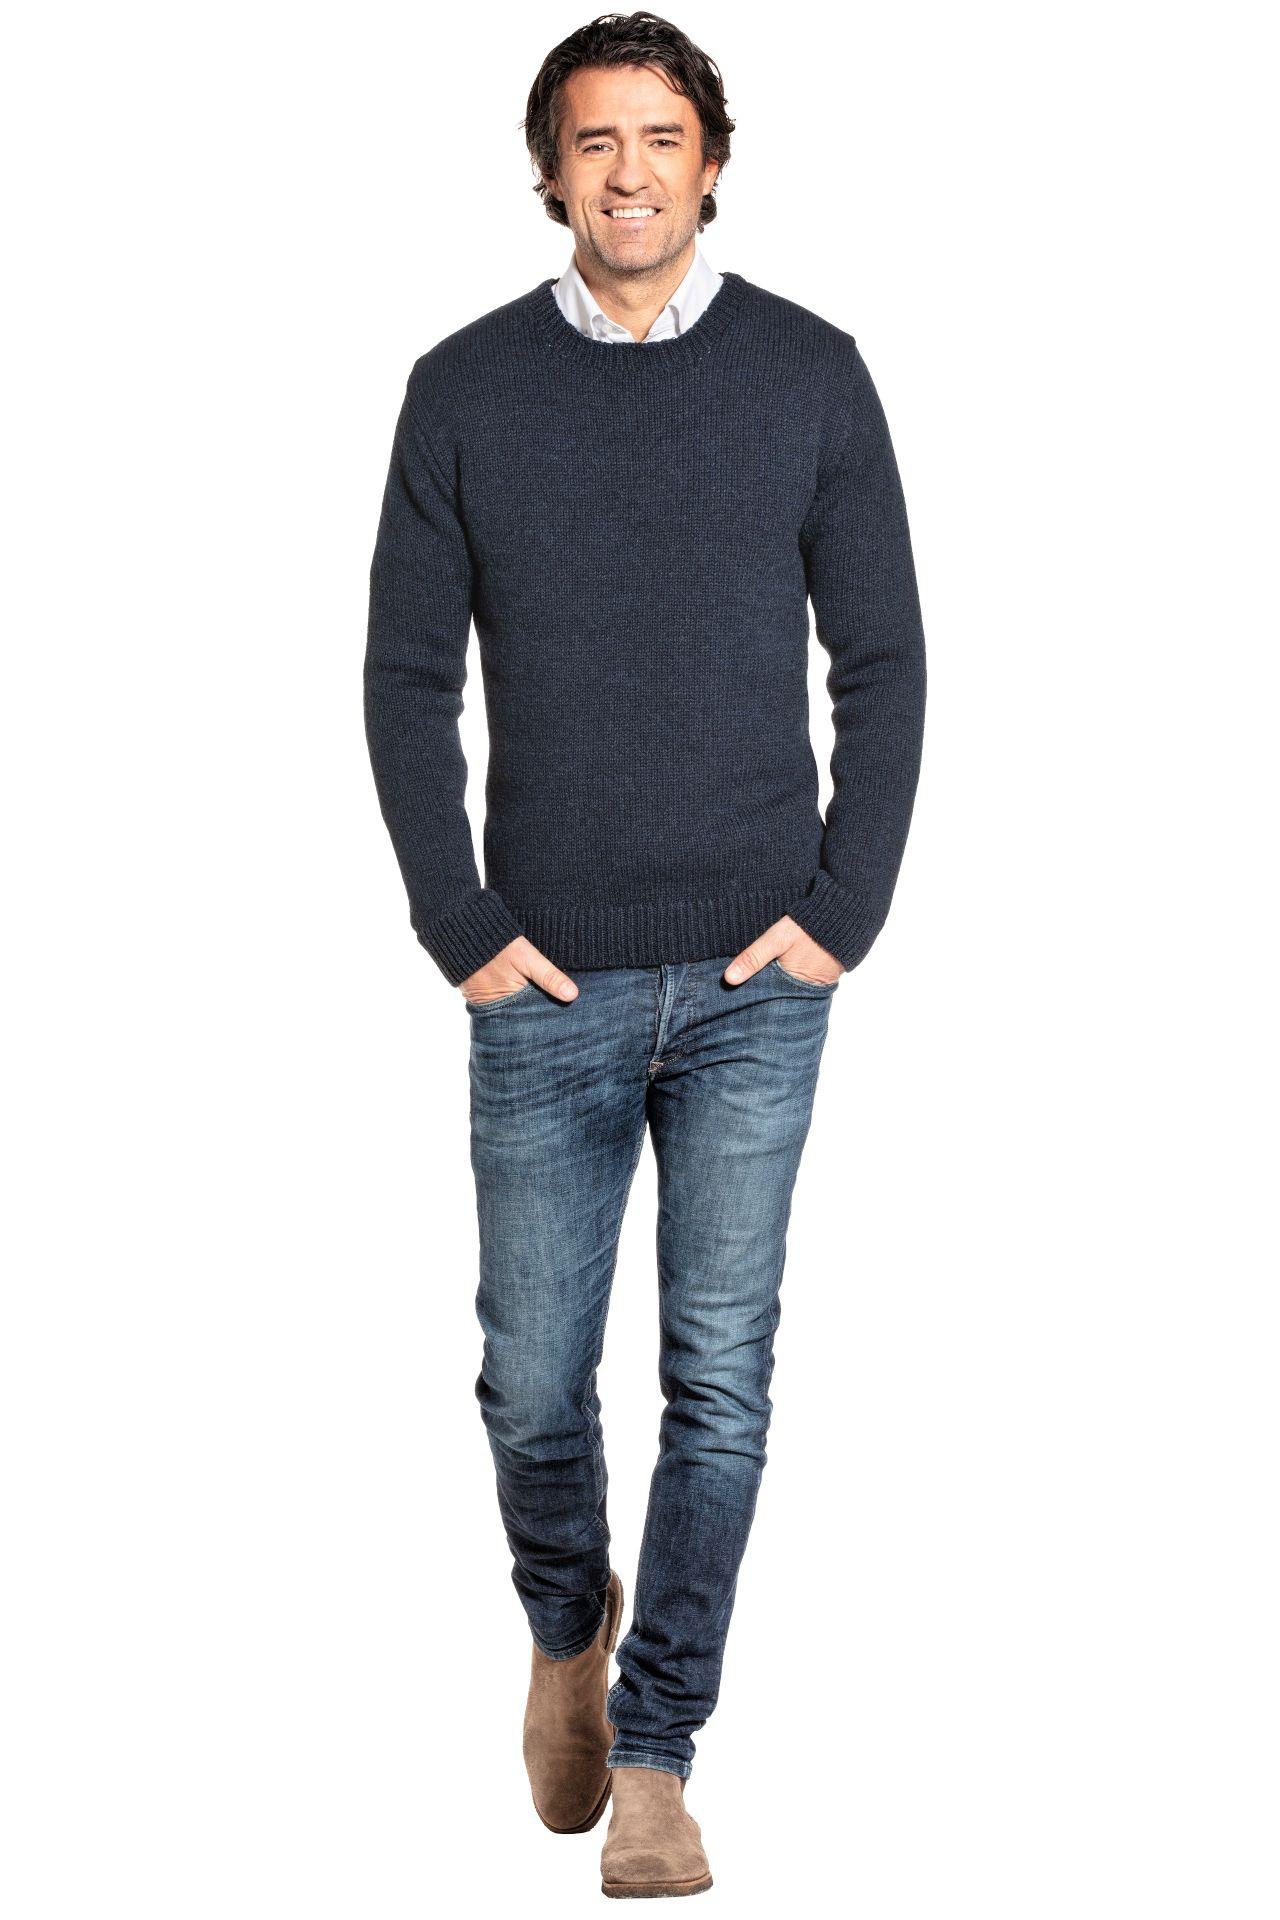 Joe Merino sweater worn by model.